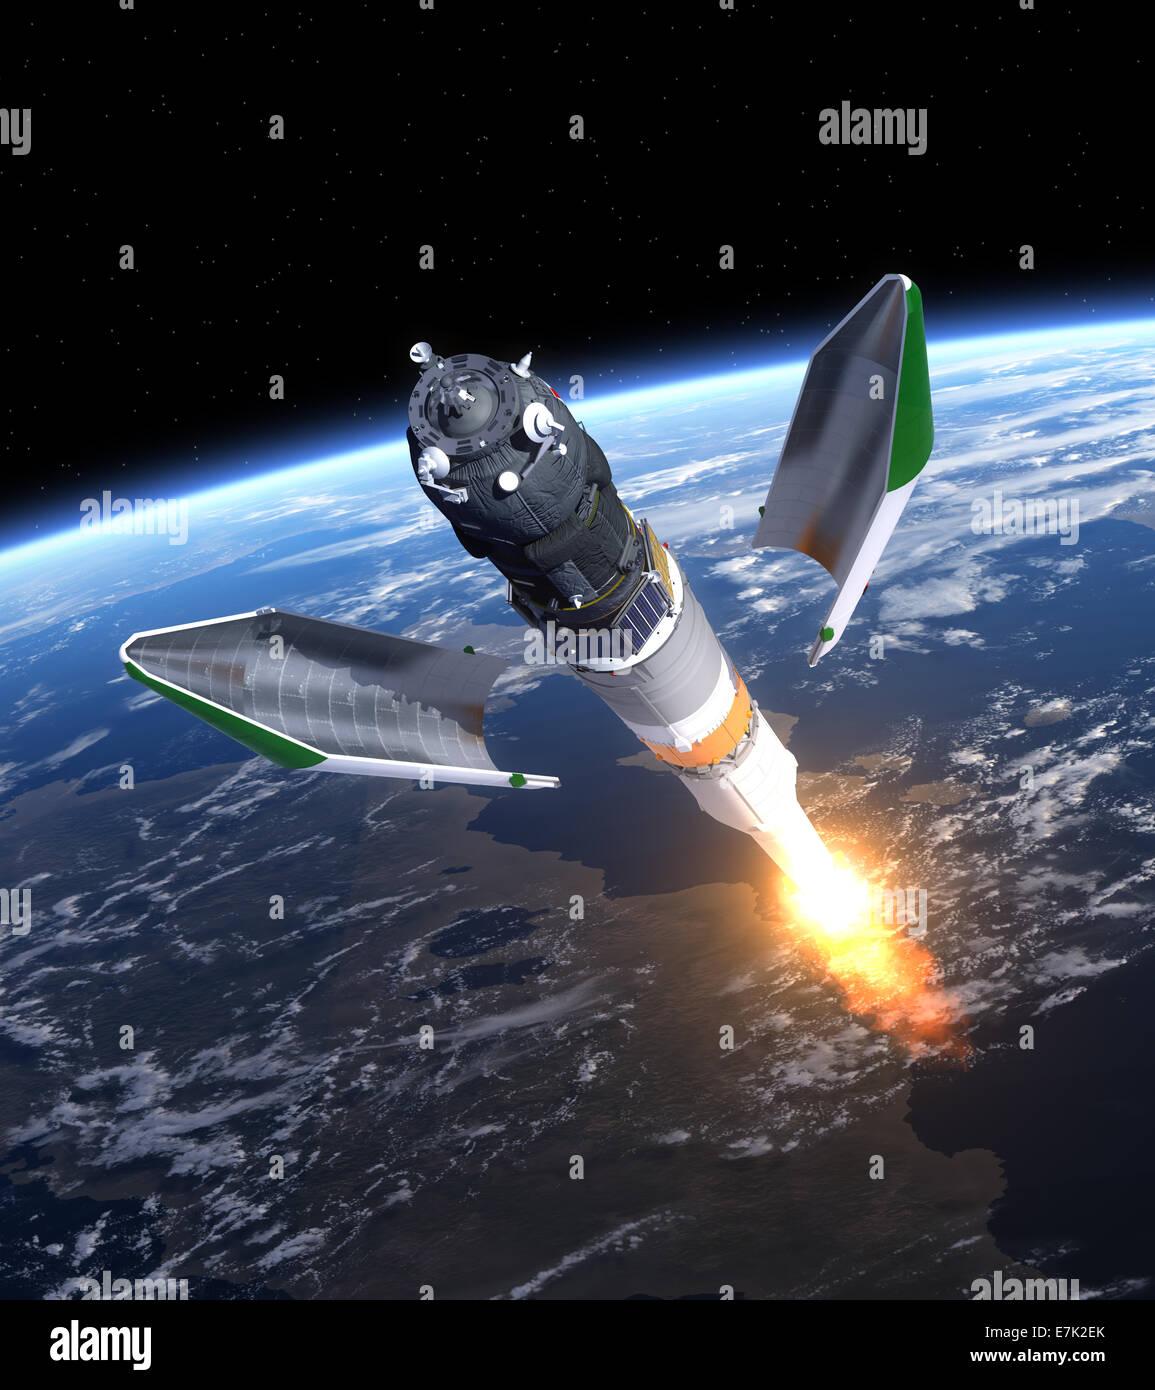 Launch Of Cargo Spacecraft 'Progress'. 3D Scene. - Stock Image